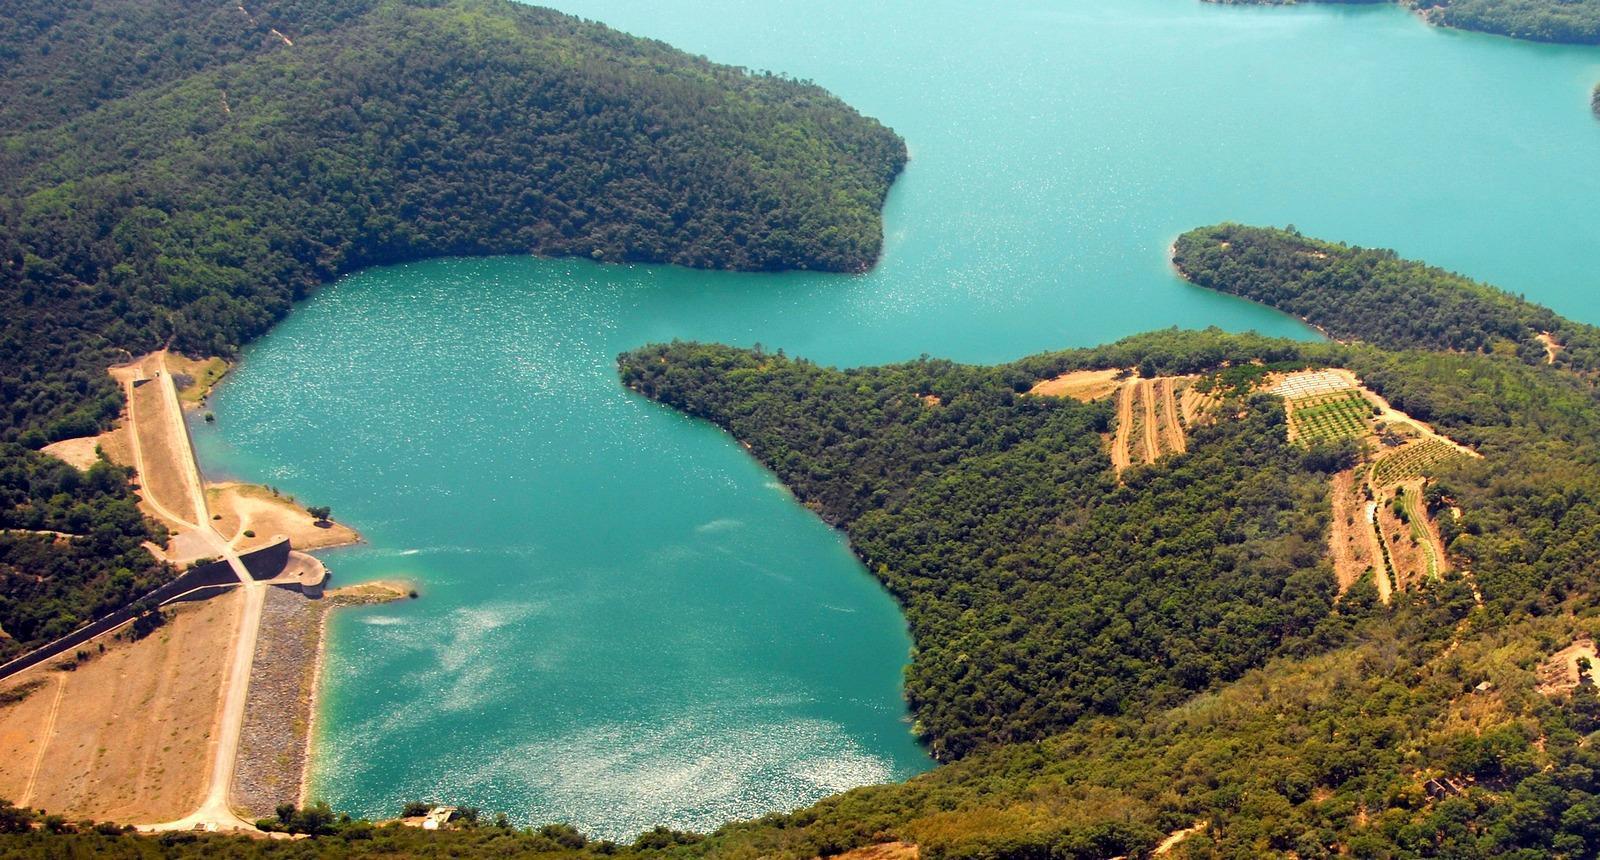 Barrage et lac de Saint-Cassien